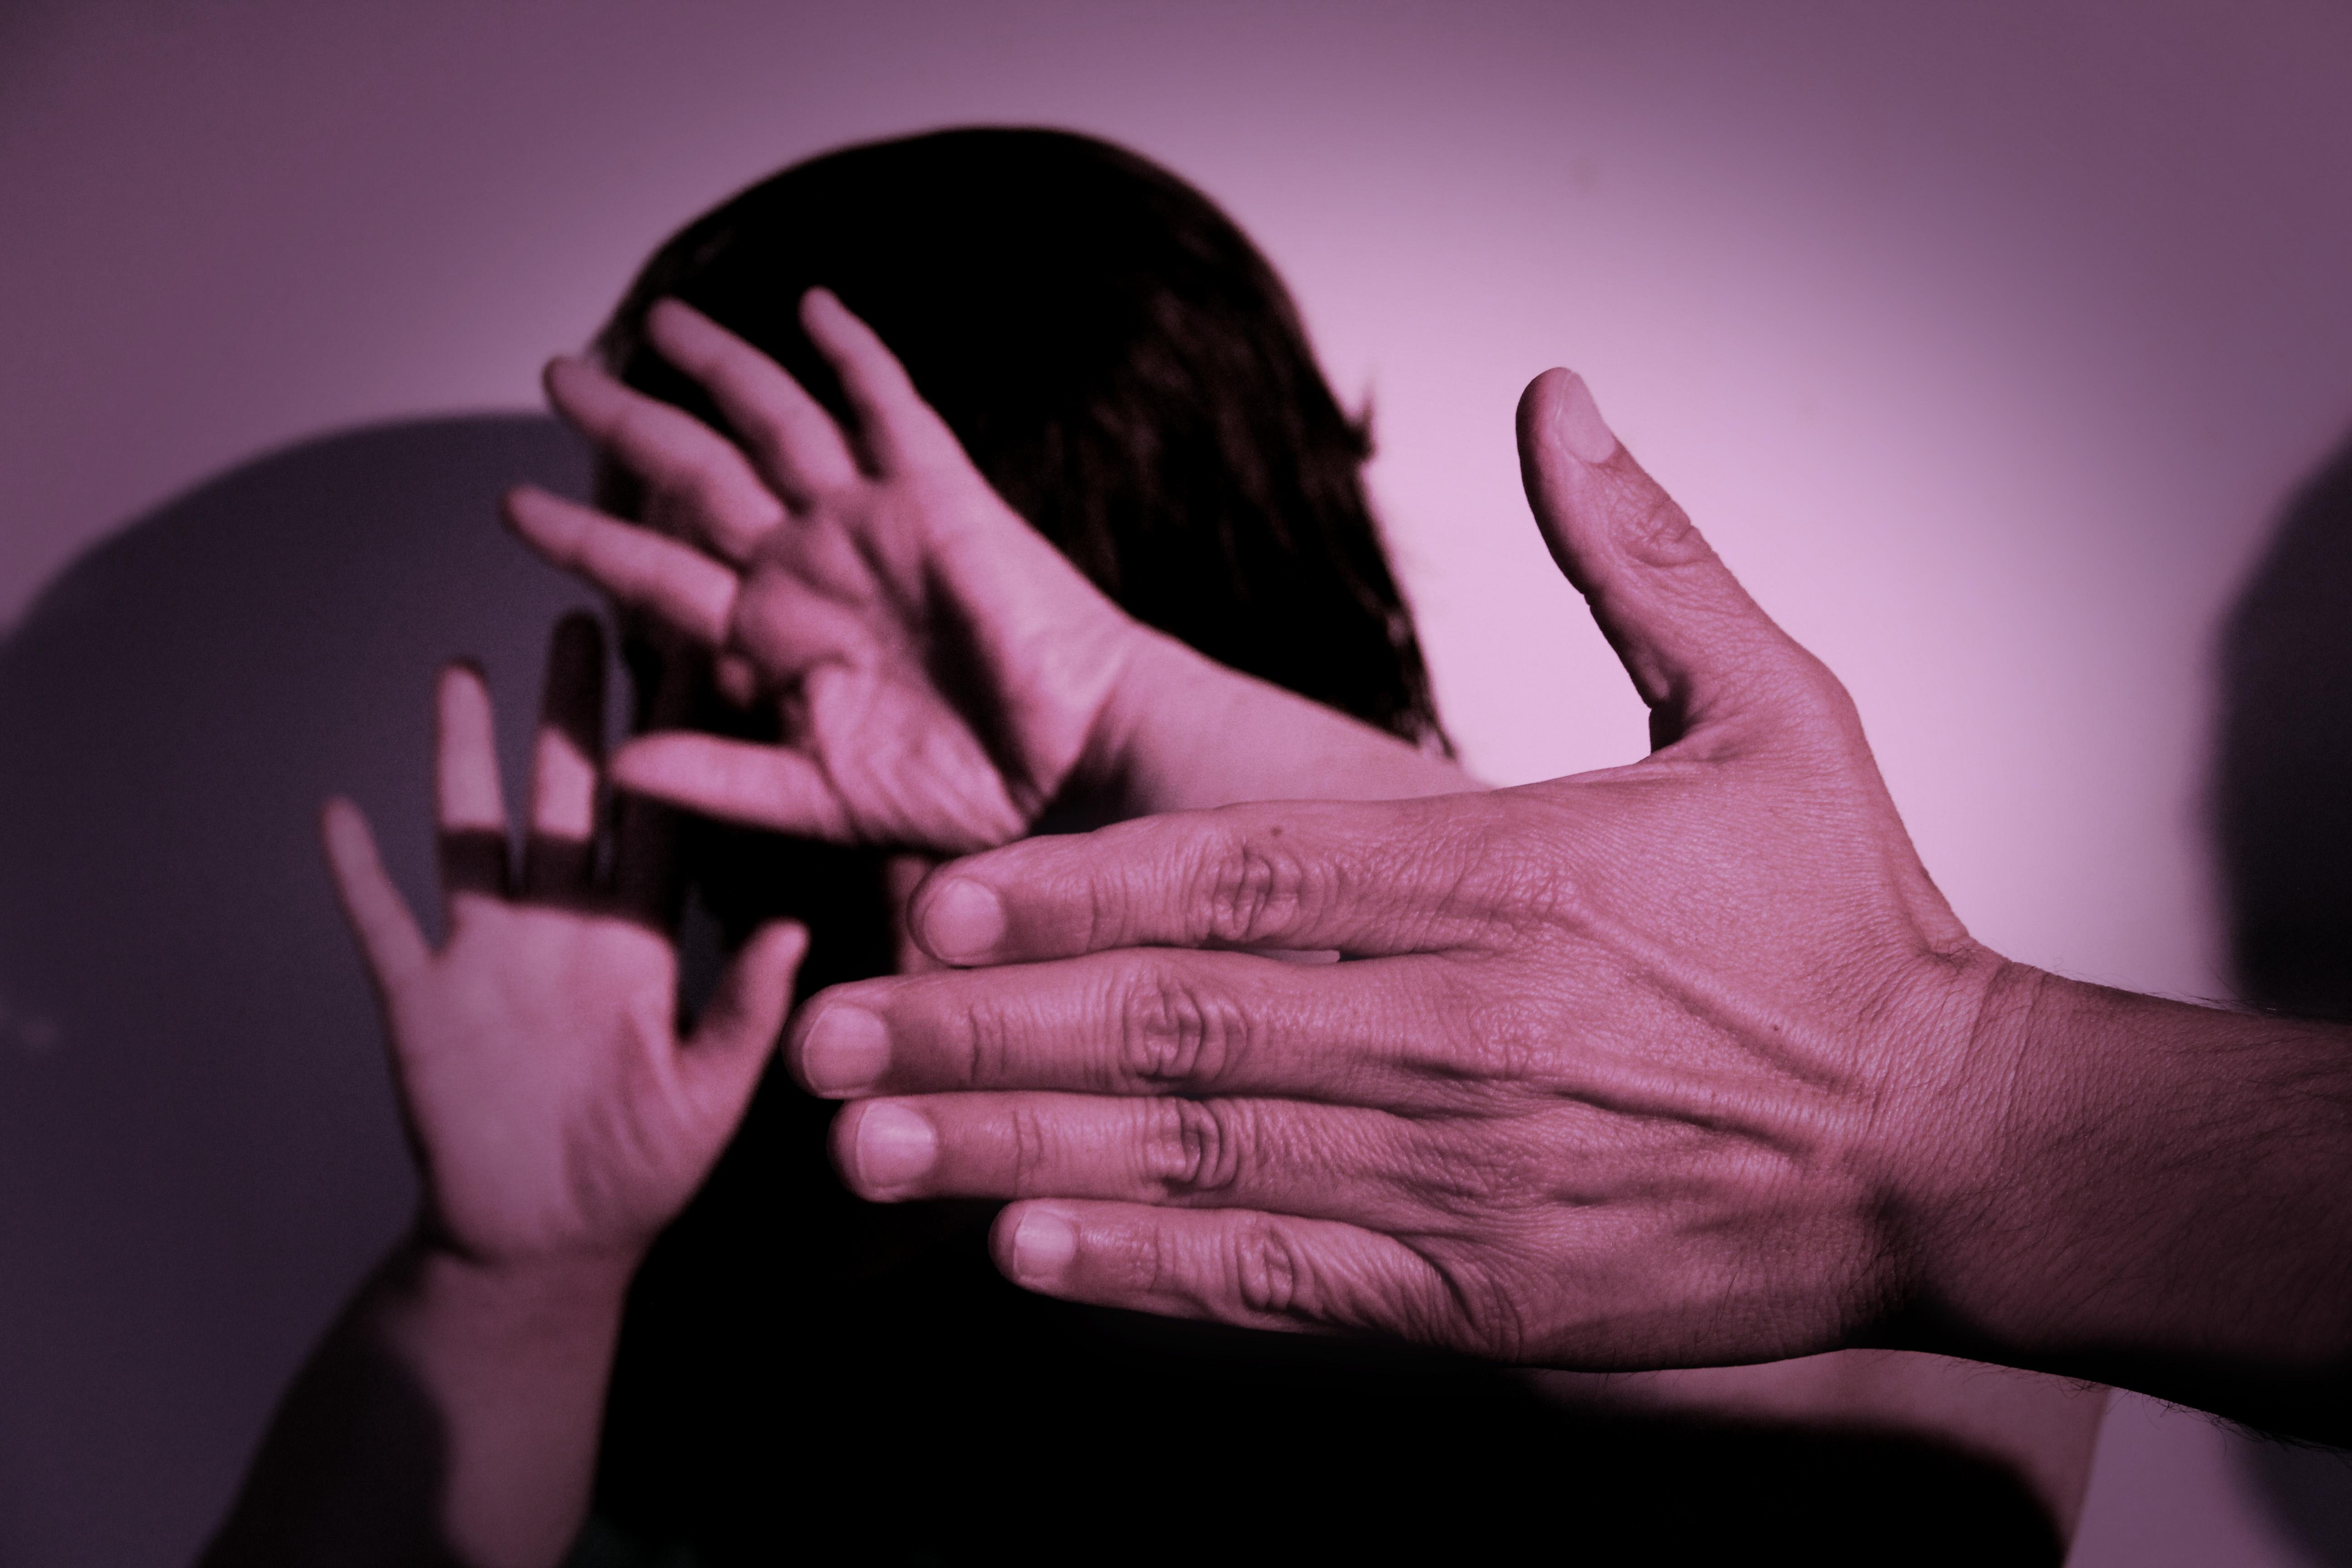 VIOLENCIA DE GÉNERO: PRISIÓN PREVENTIVA PARA UN HOMBRE ACUSADO DE VIOLACIÓN, GOLPES, AMENAZAS Y DESOBEDIENCIA